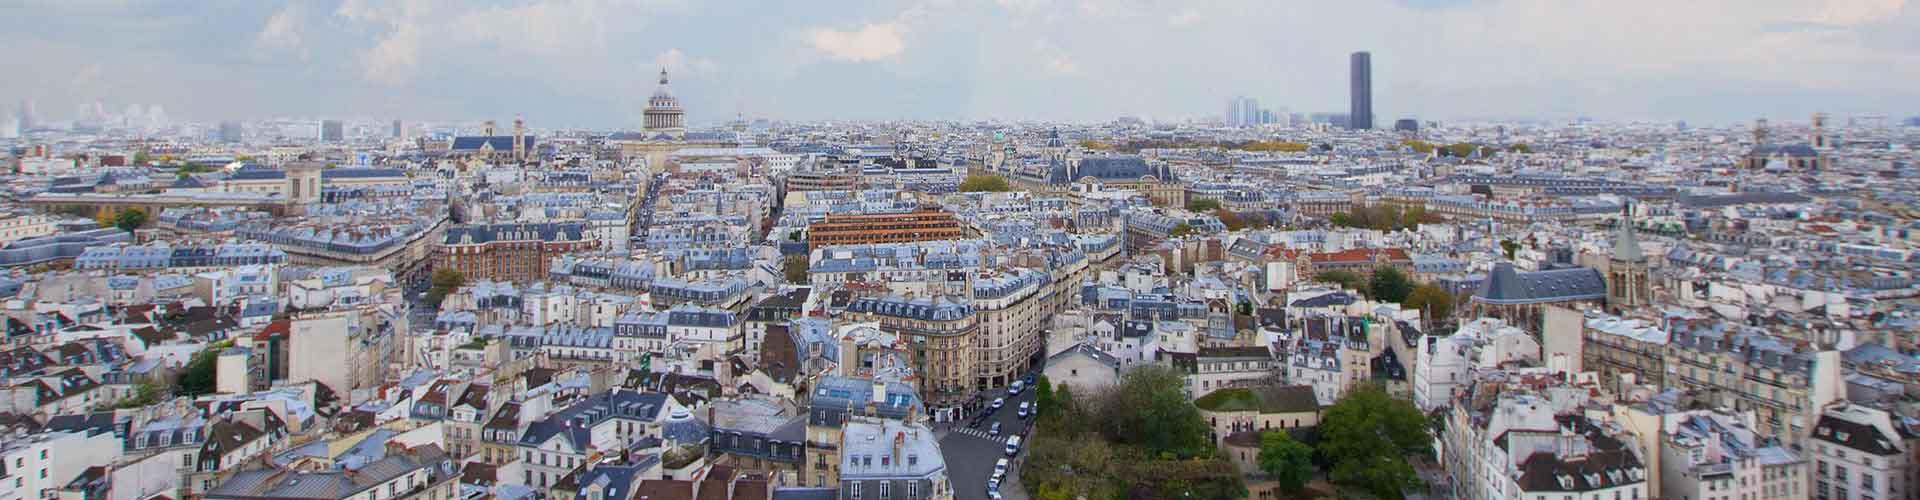 파리 - Quartier Latin지역에 위치한 호텔. 파리의 지도, 파리에 위치한 호텔에 대한 사진 및 리뷰.